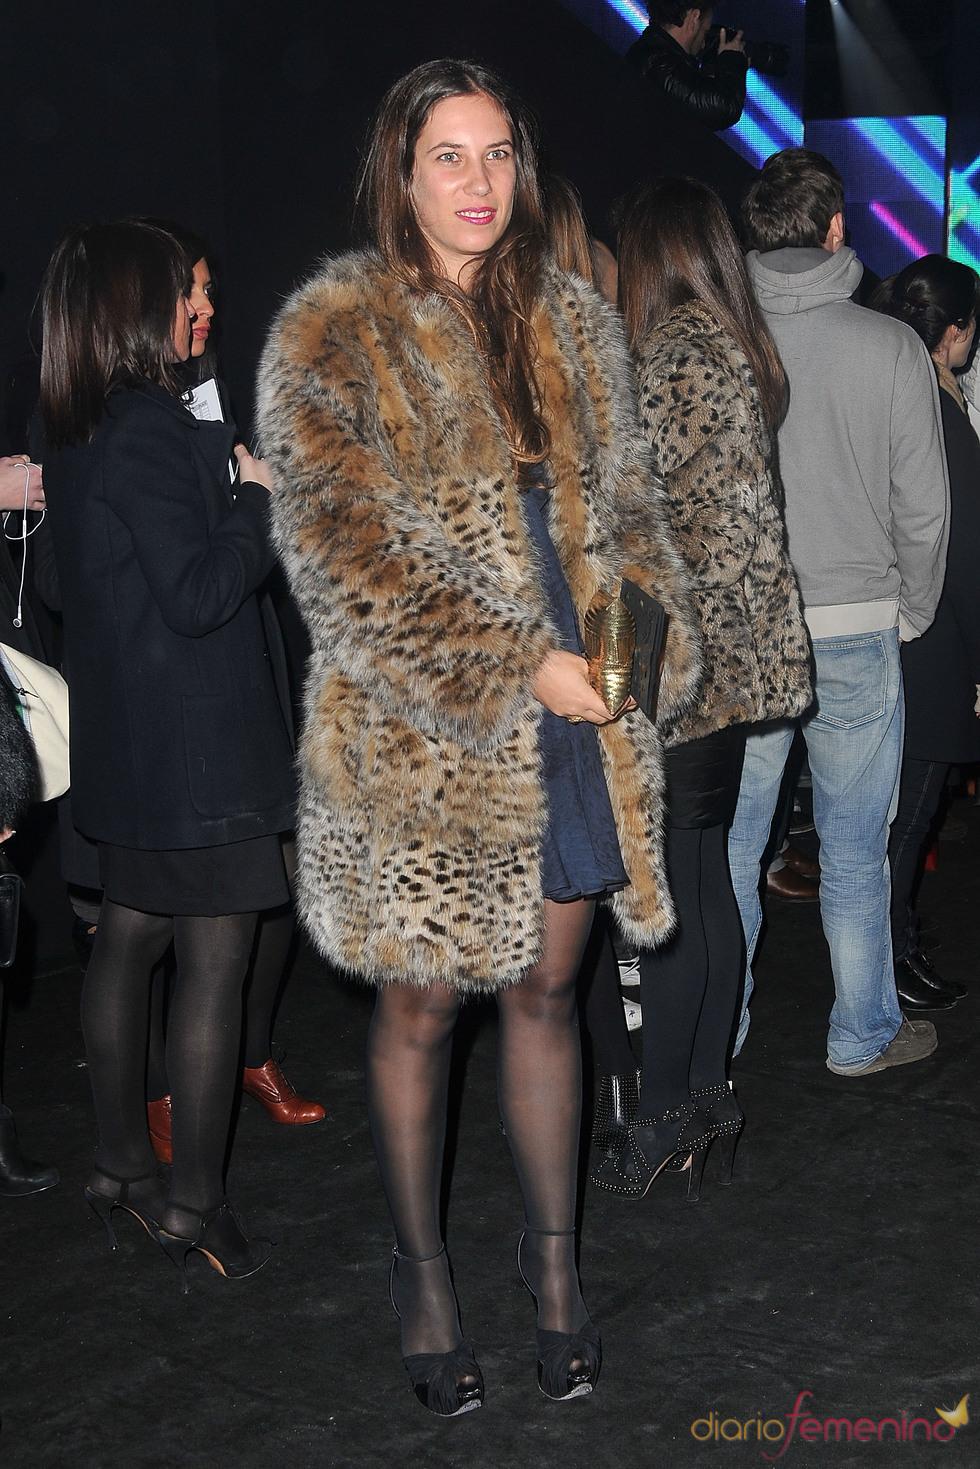 Tatiana Santo Domingo en el desfile de Etam en París